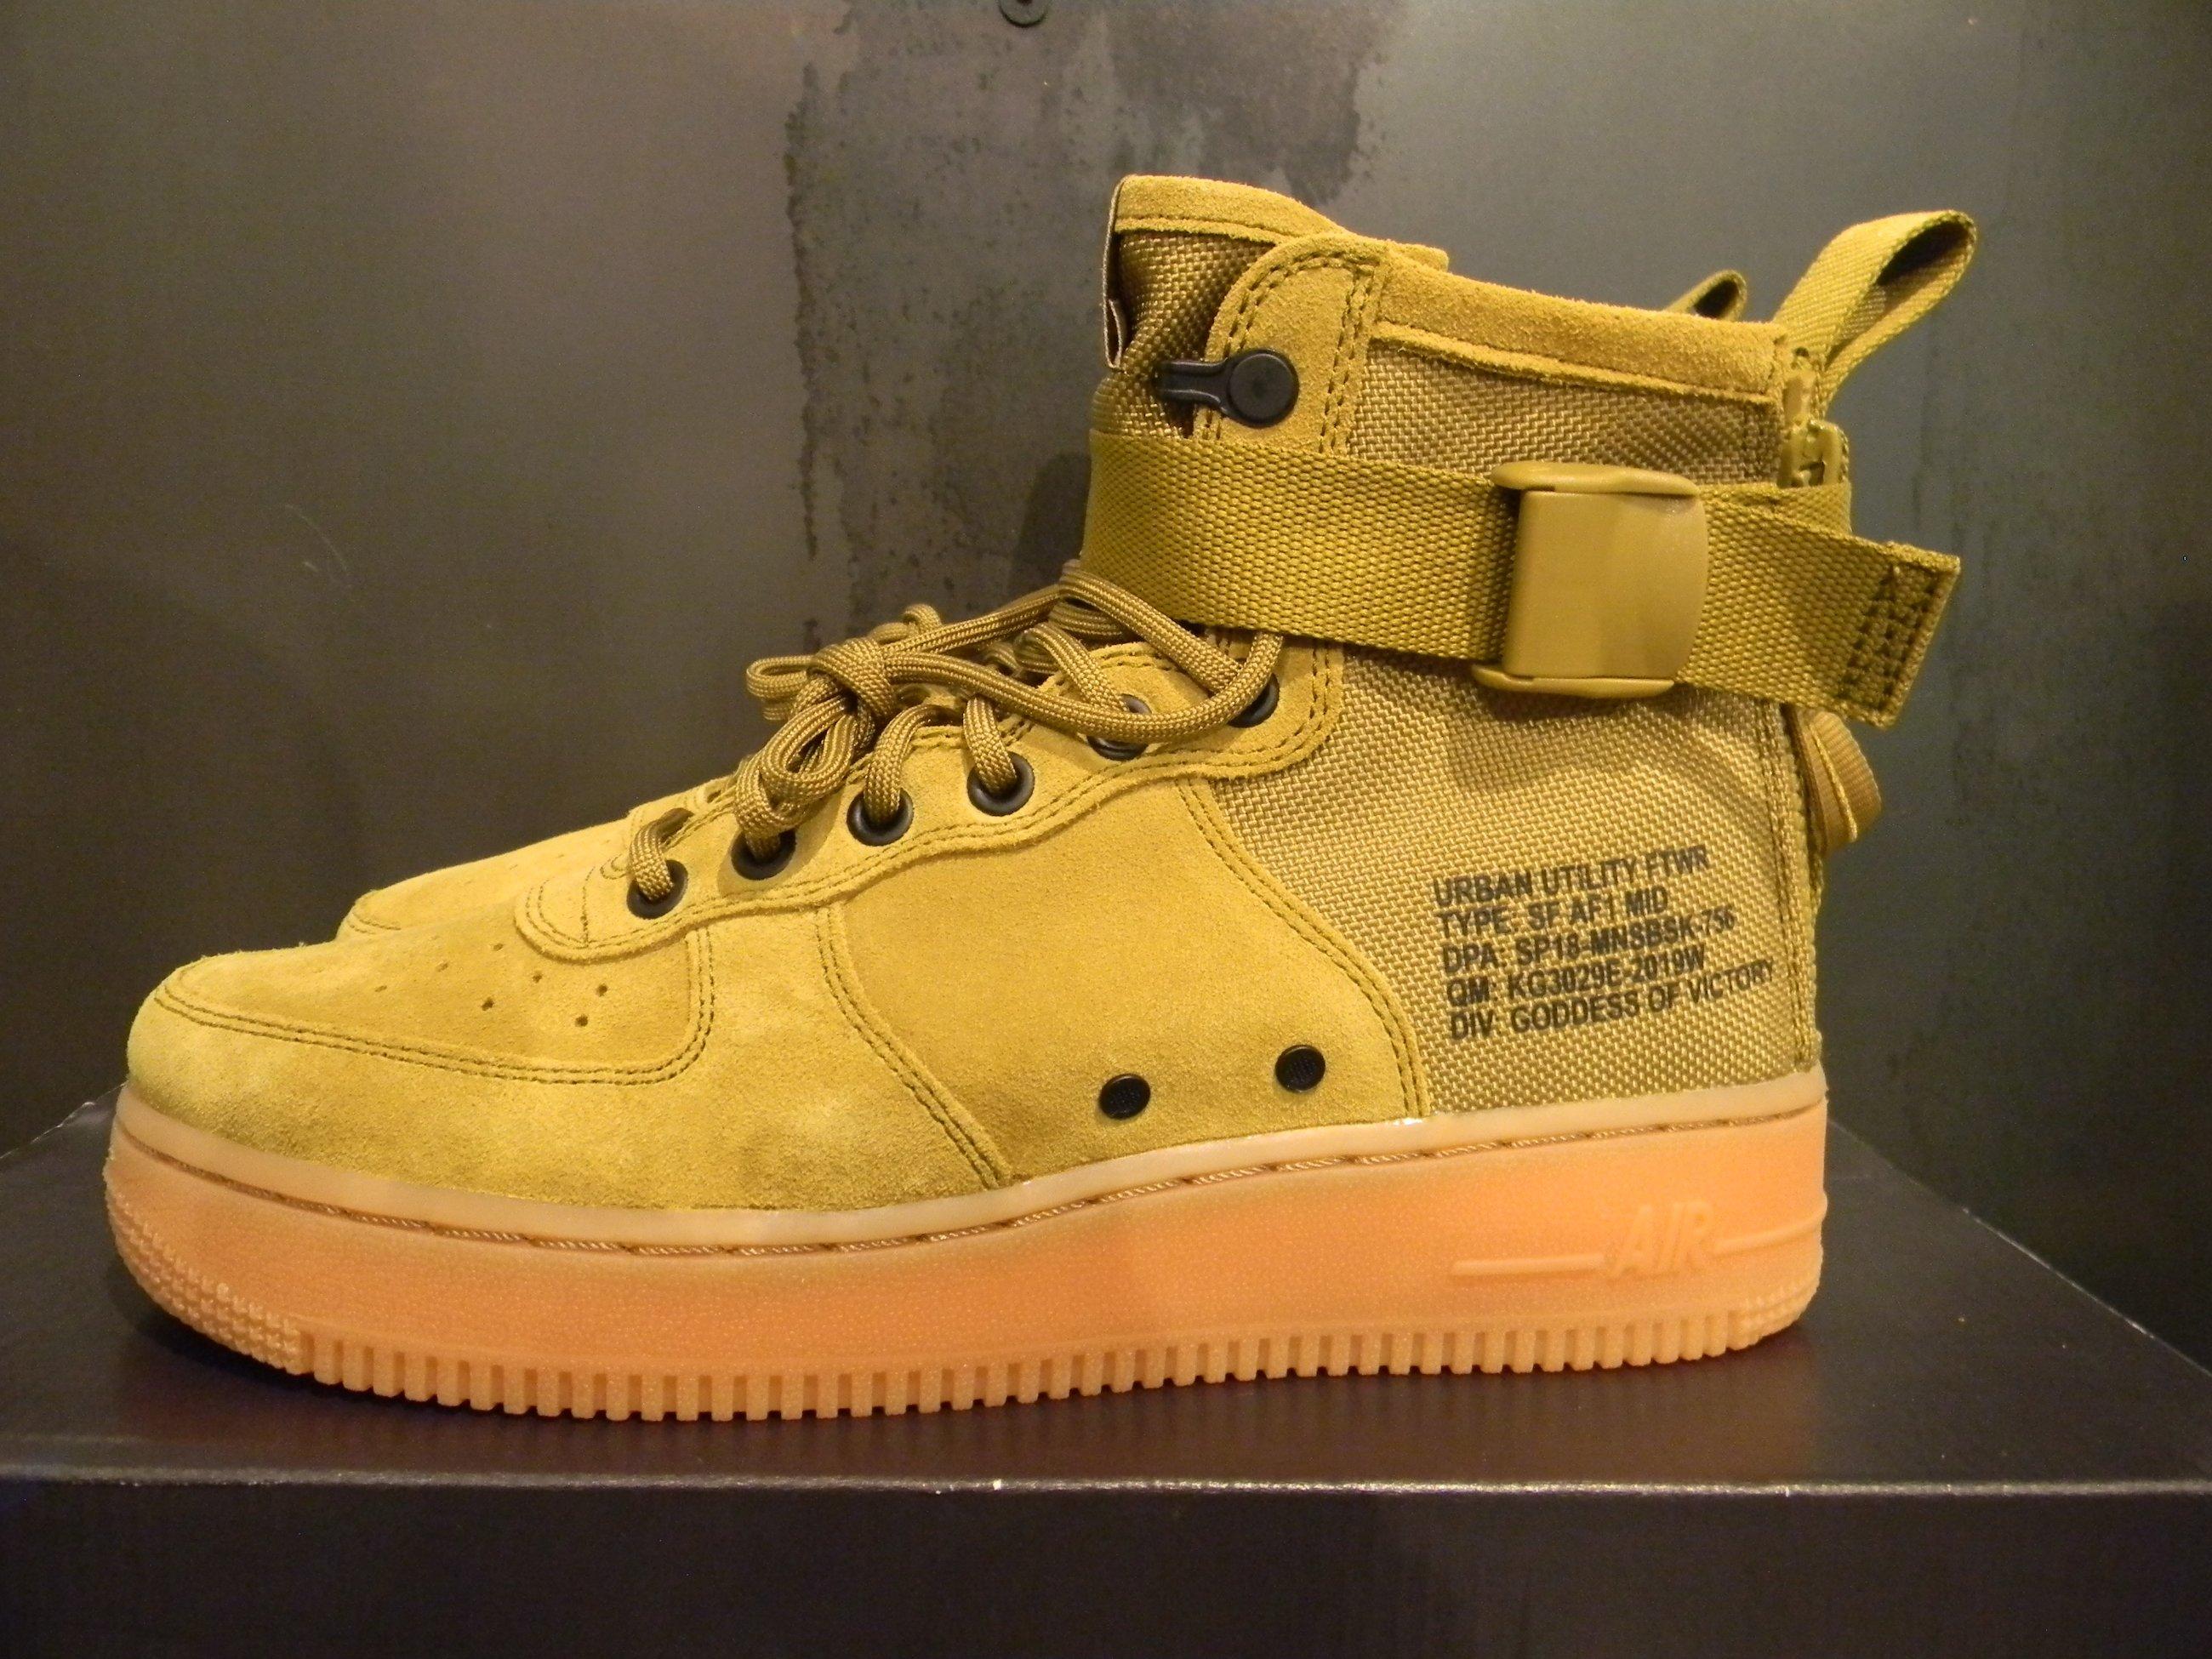 Nike Air Force 1 Mid, 100% Legit, Retail 150,00 Euro - Meetapp